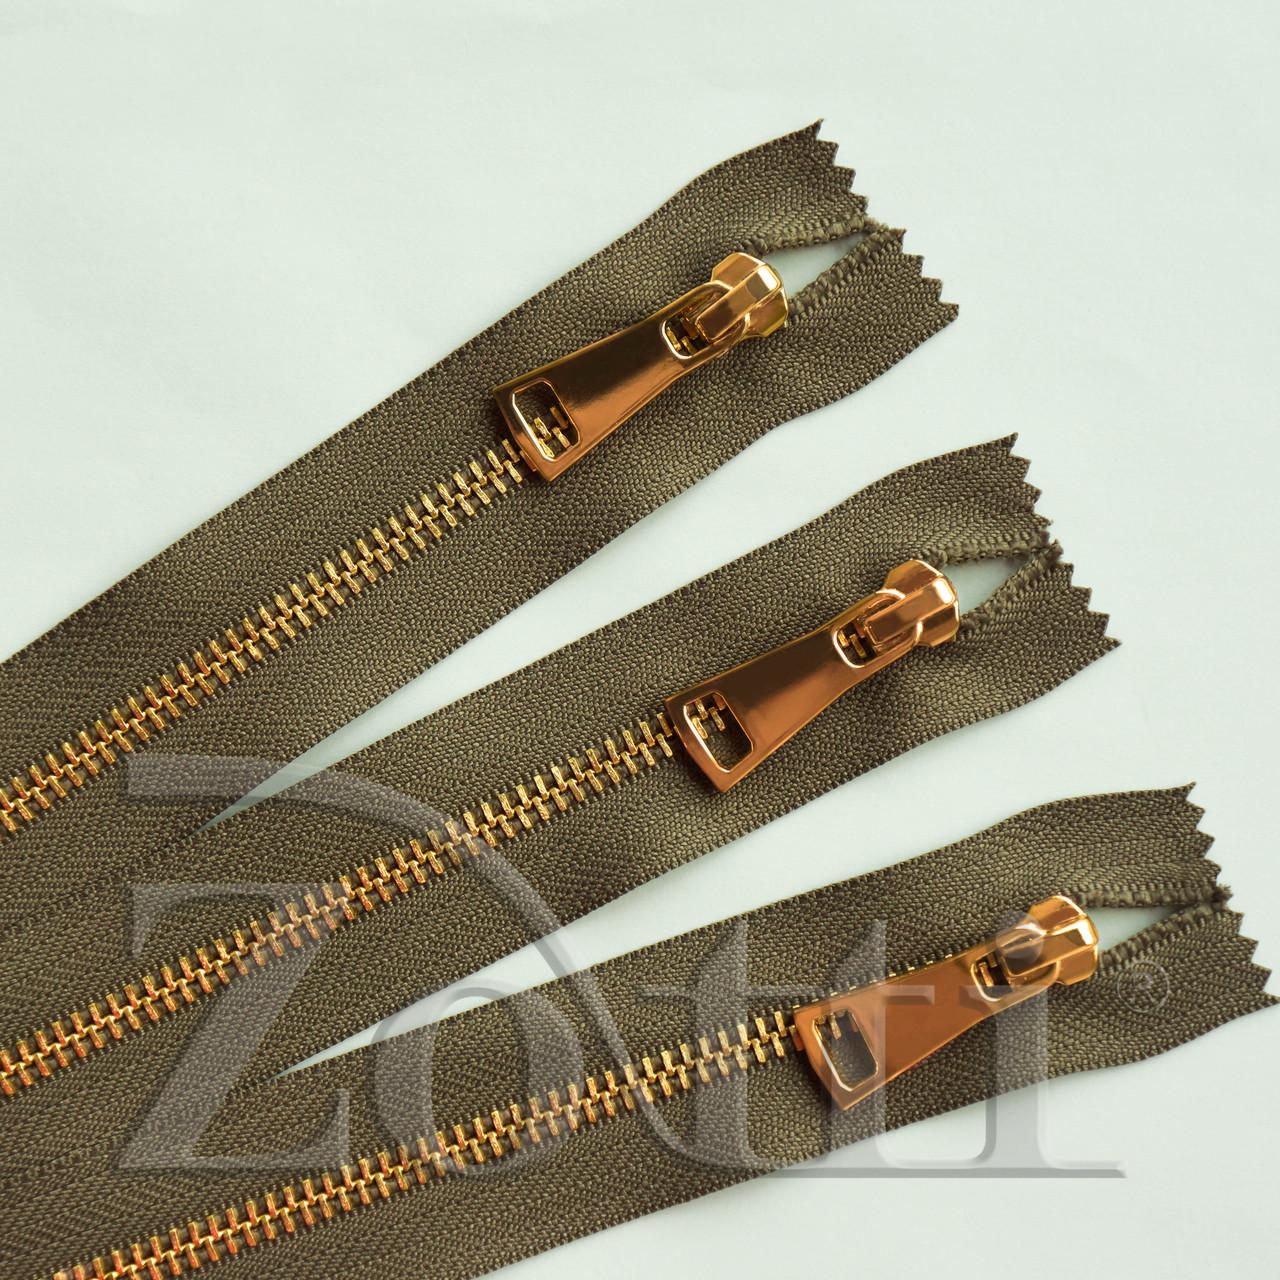 Молния (змейка,застежка) металлическая №5, размерная, обувная, хаки, с золотым бегунком № 115 - 11 см